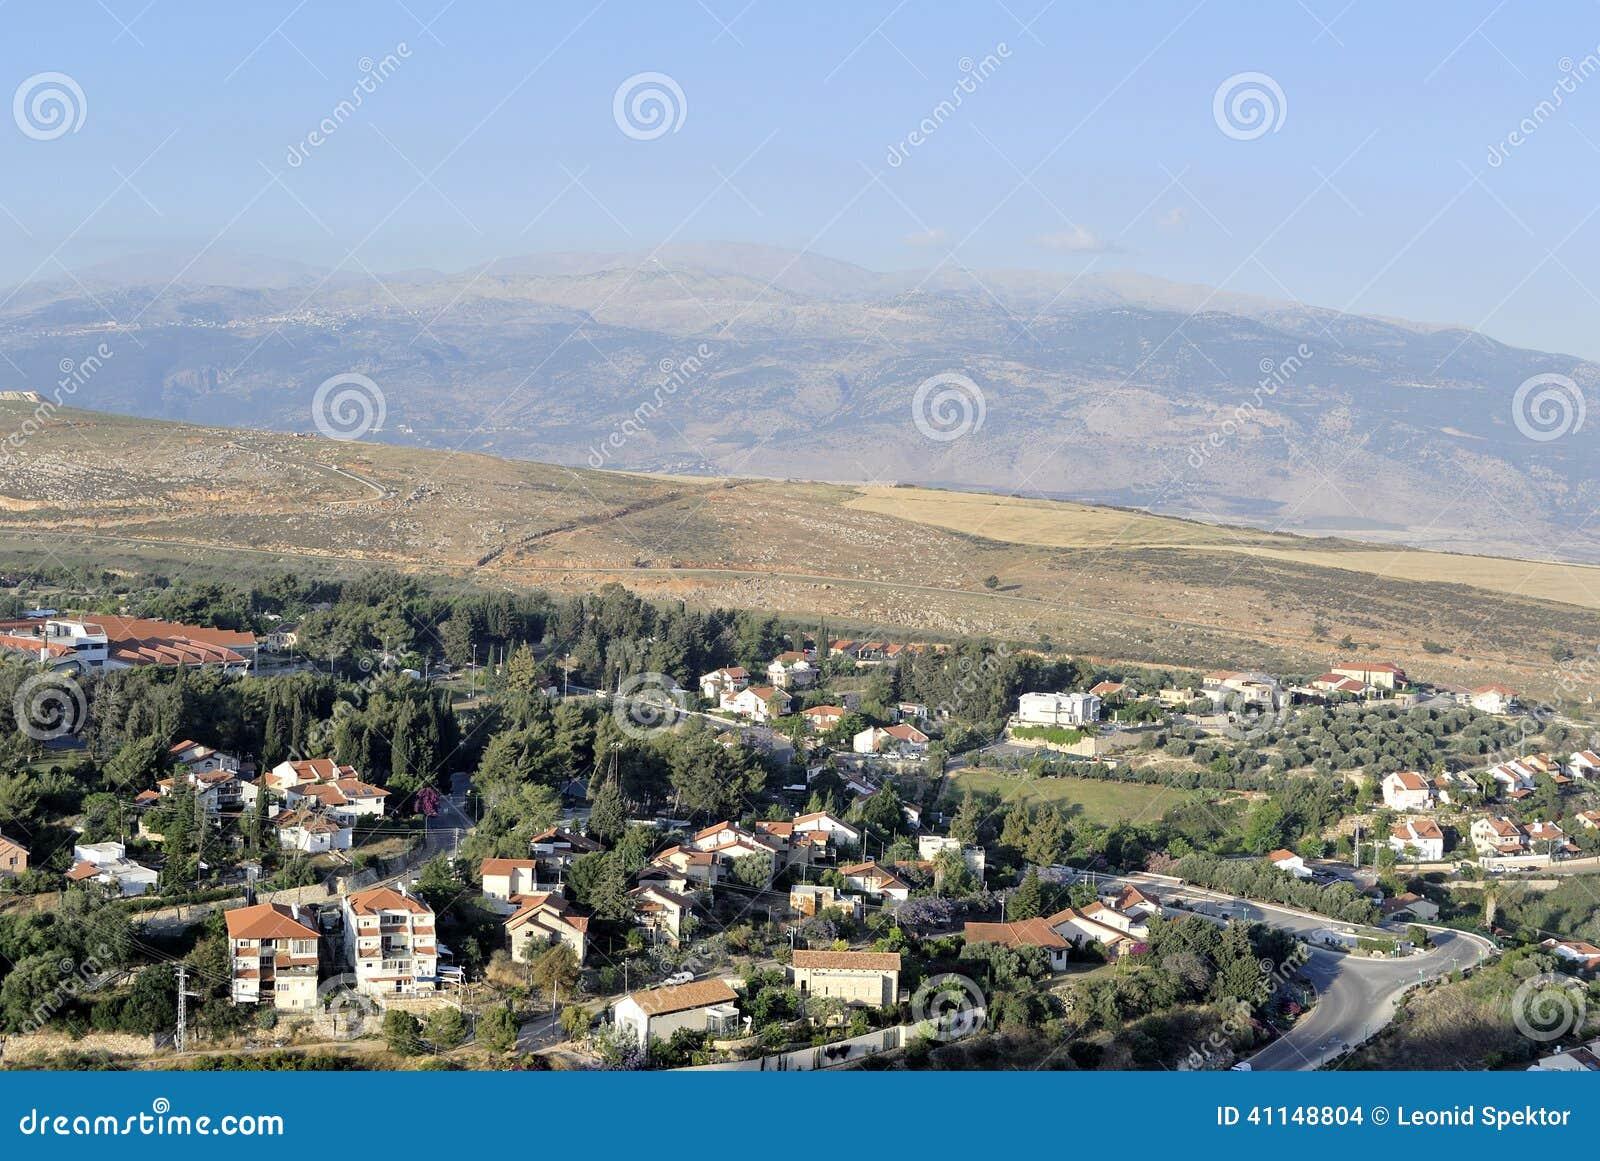 Metula Israel  city images : Paisaje Del Pueblo De Metula, Israel Foto de archivo Imagen ...